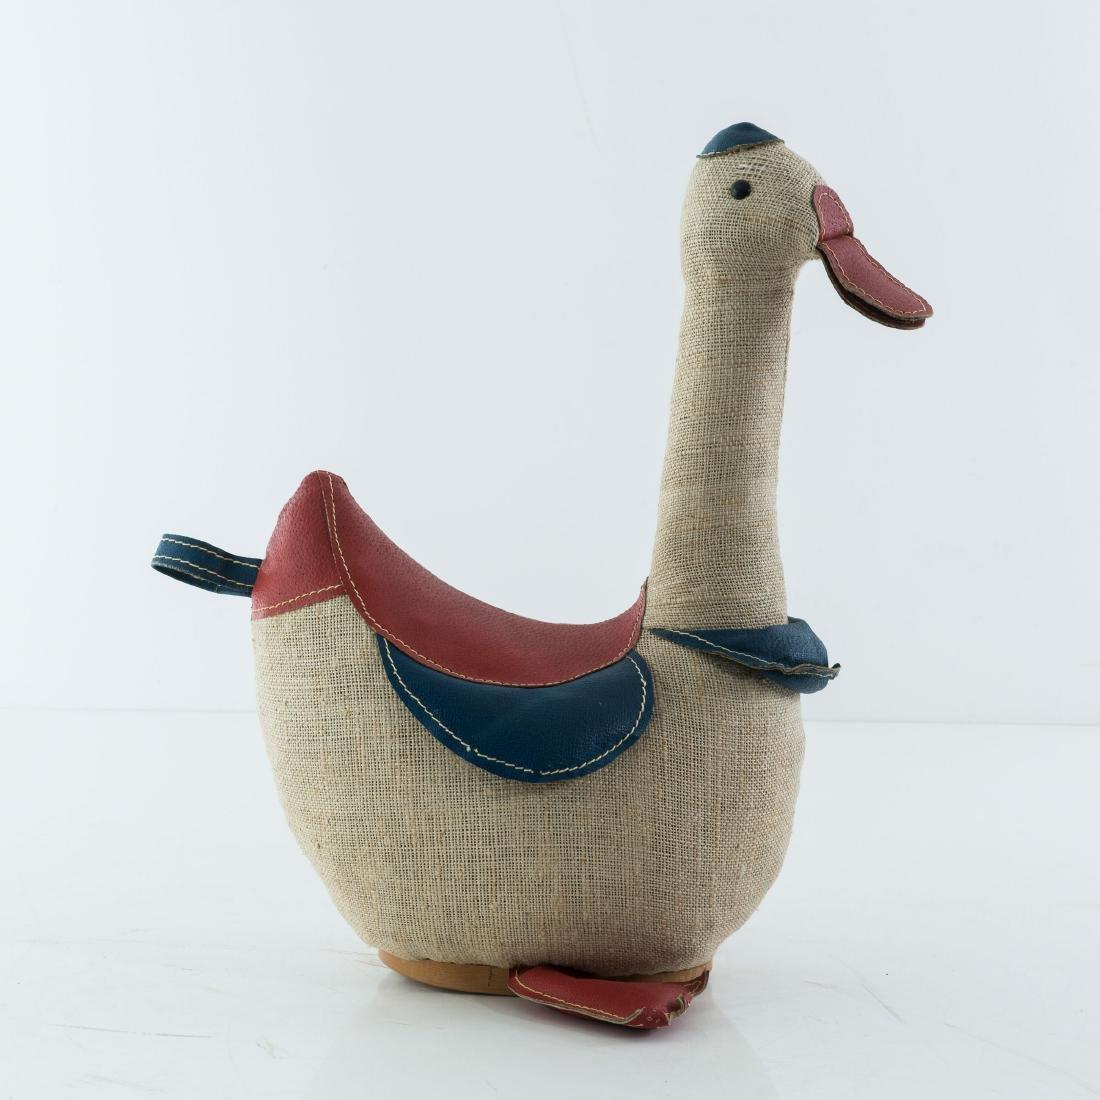 'Duck', 1967 - 3